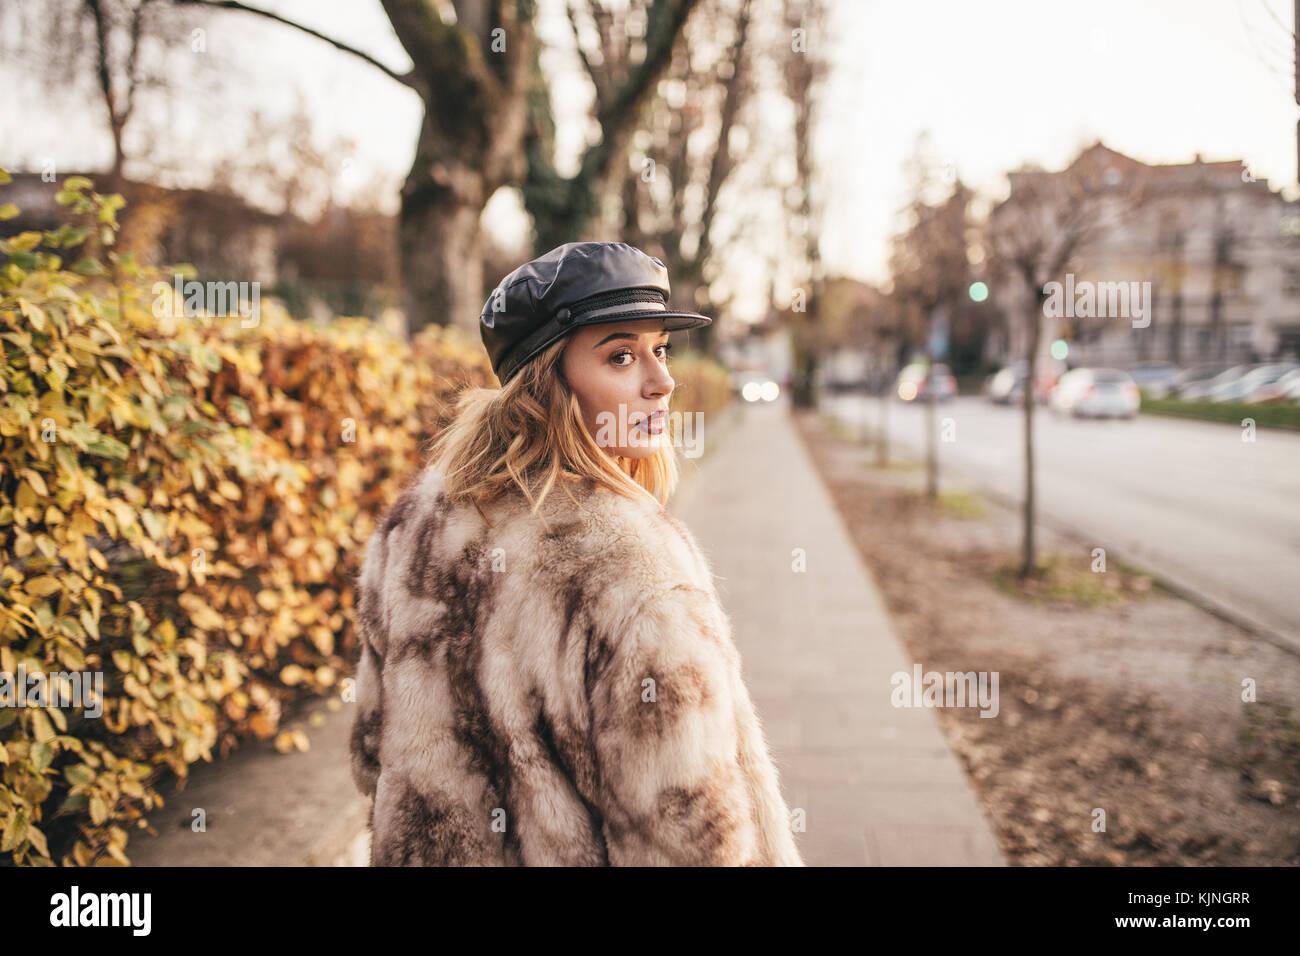 Bella ragazza che indossa la pelliccia e cavalcare la sua bicicletta sulle strade della città Immagini Stock